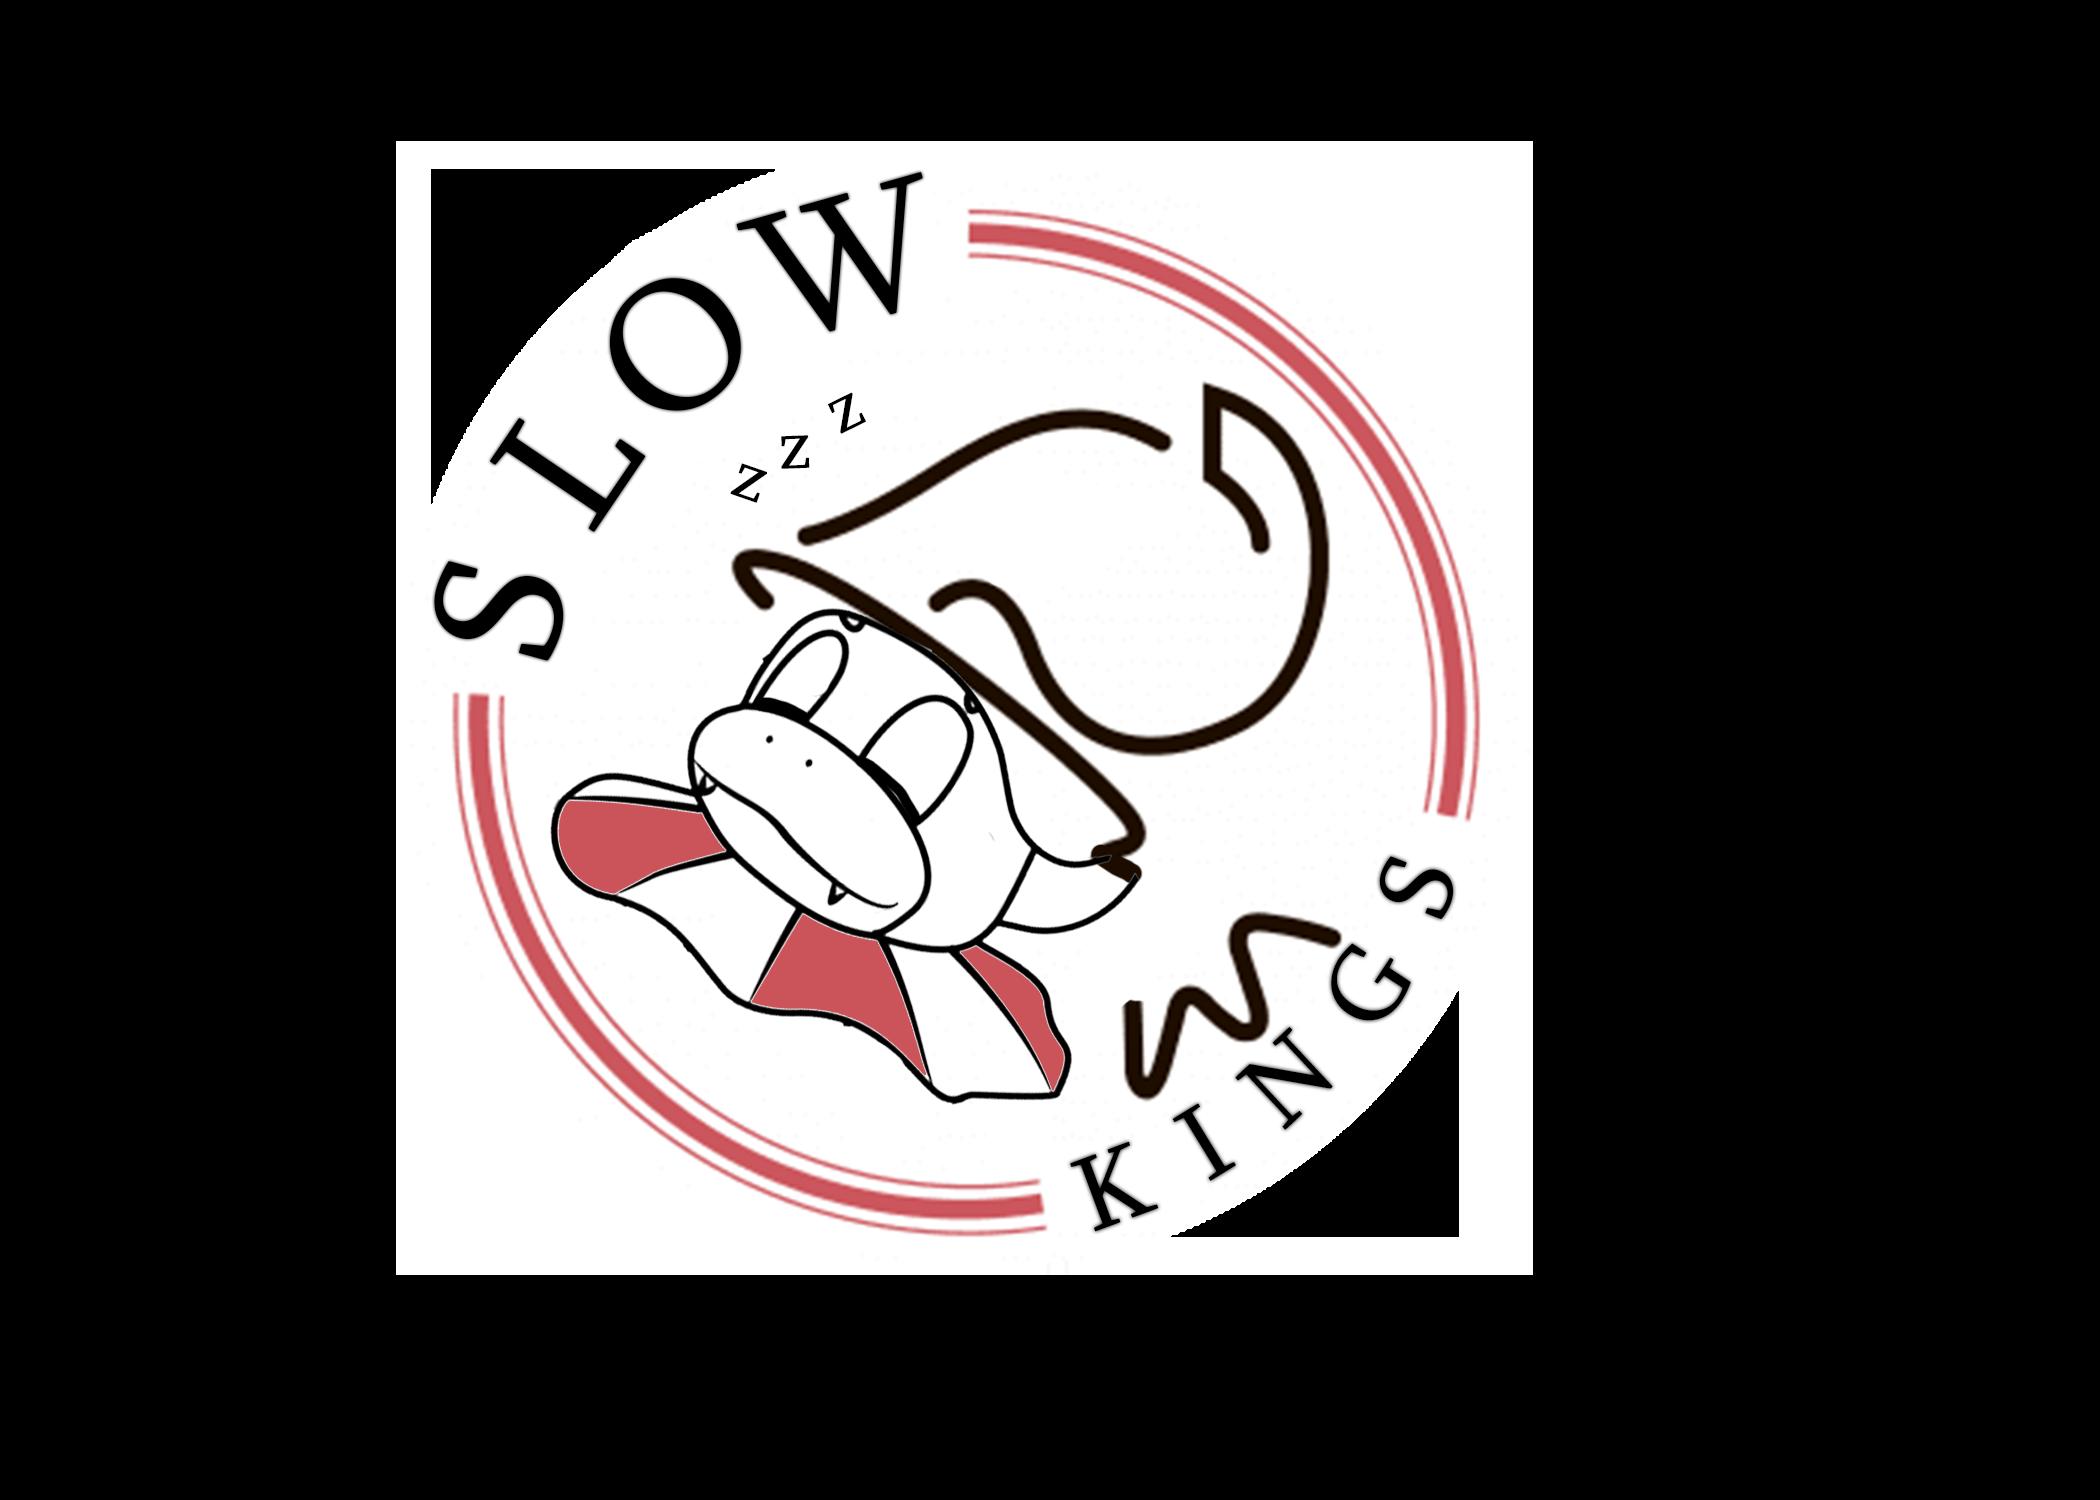 SLOWKINGS.png